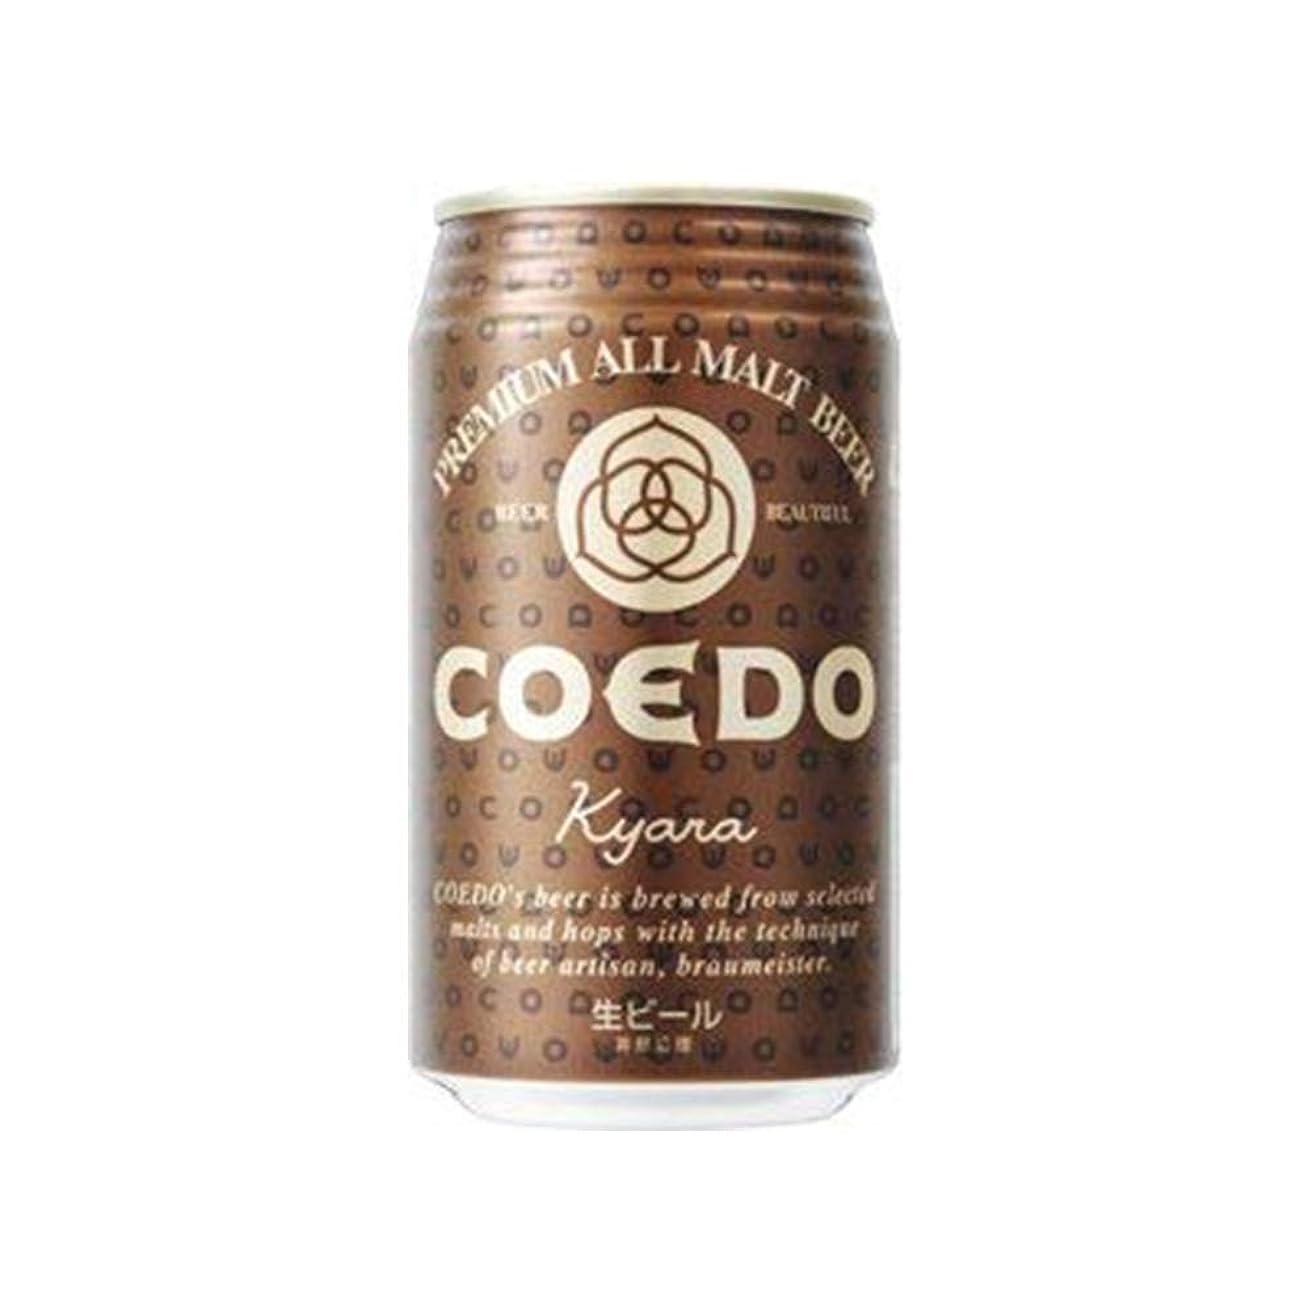 禁止する光電化学者ビール COEDO 小江戸ビール 伽羅 kyara 350ml 24本 1ケース